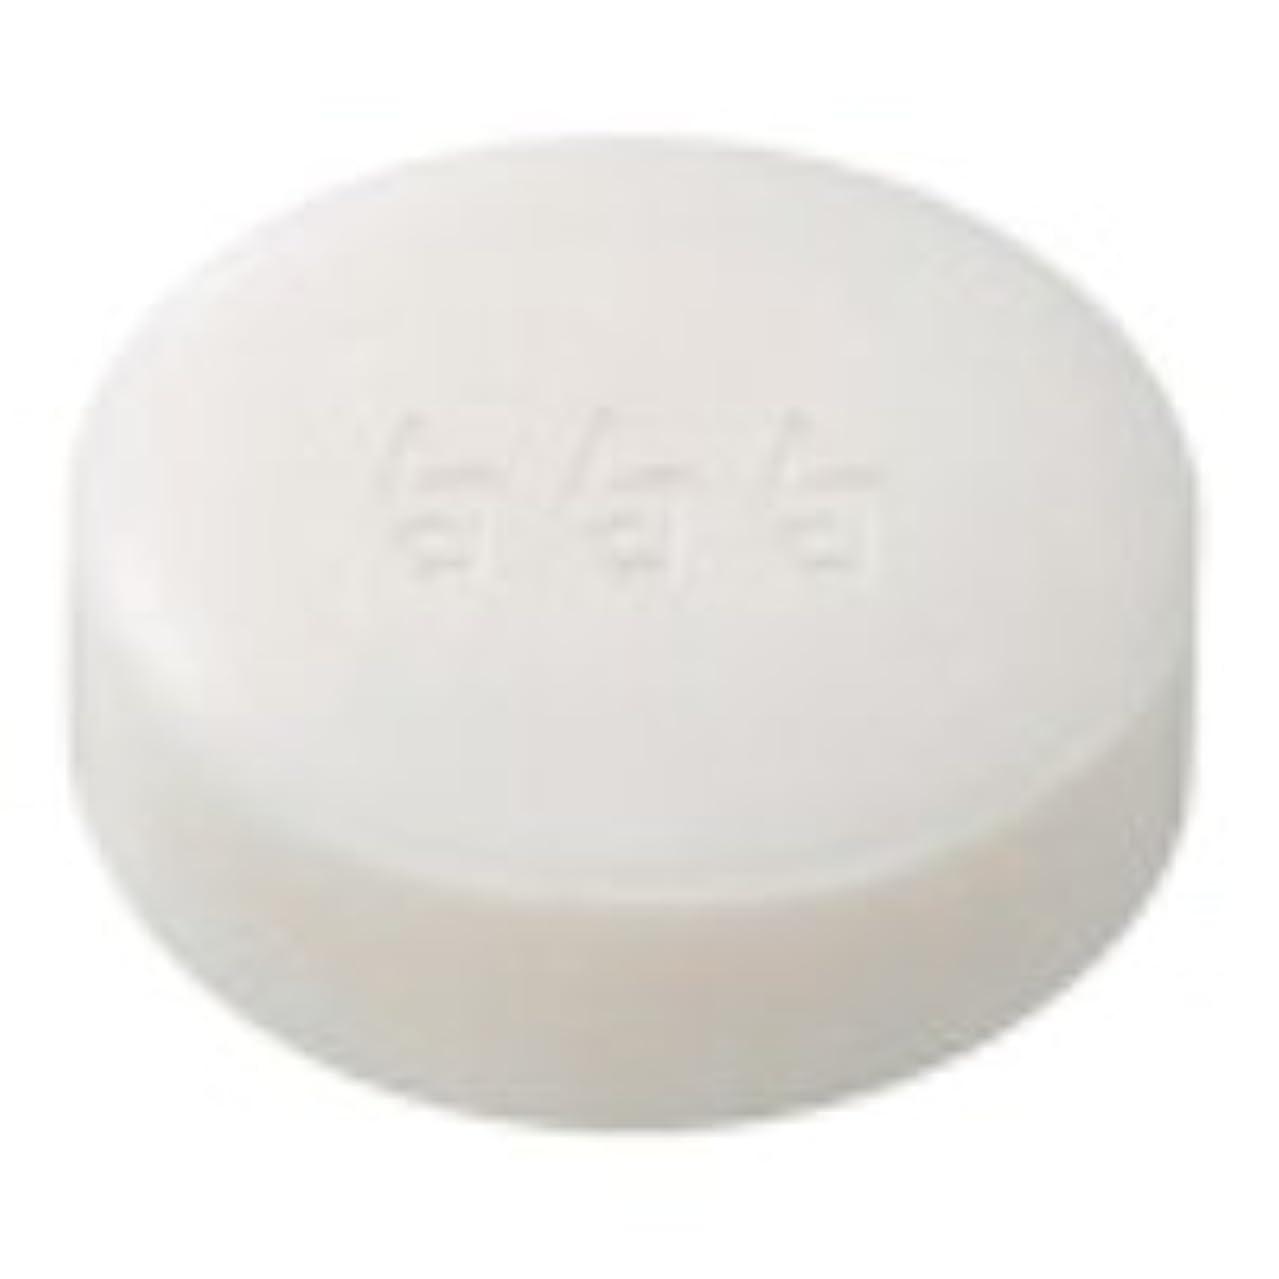 製品膨張するスピーカー白白白ホワイトクリアソープ 90g